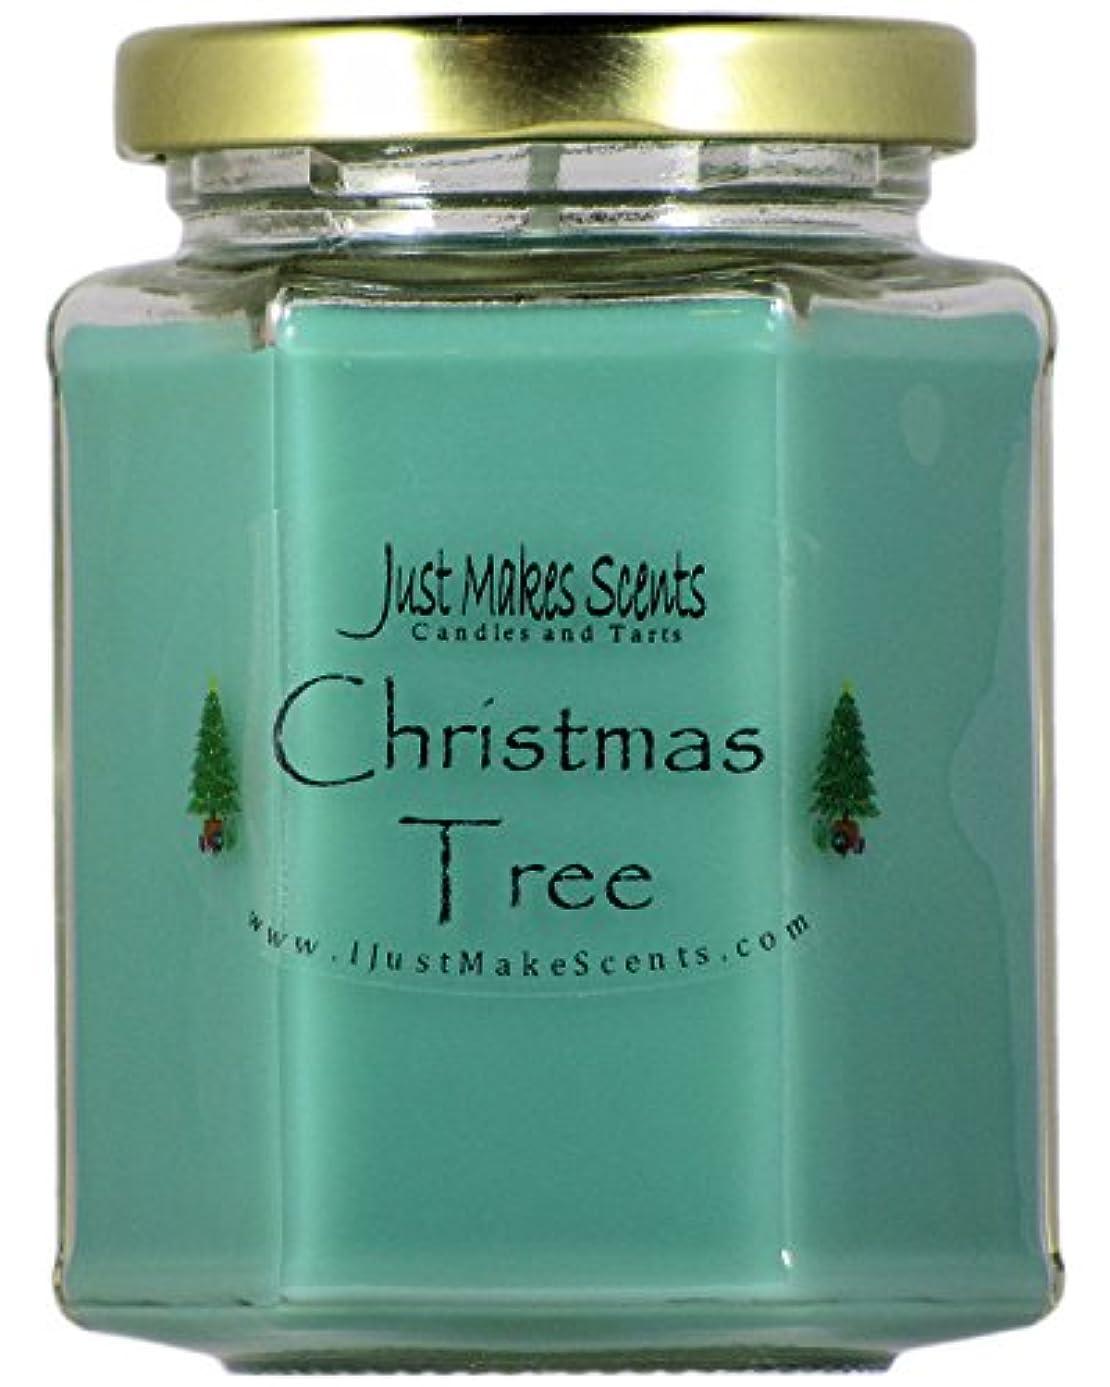 毒性売り手責任christmastreeparent One Candle グリーン C02109HHGD